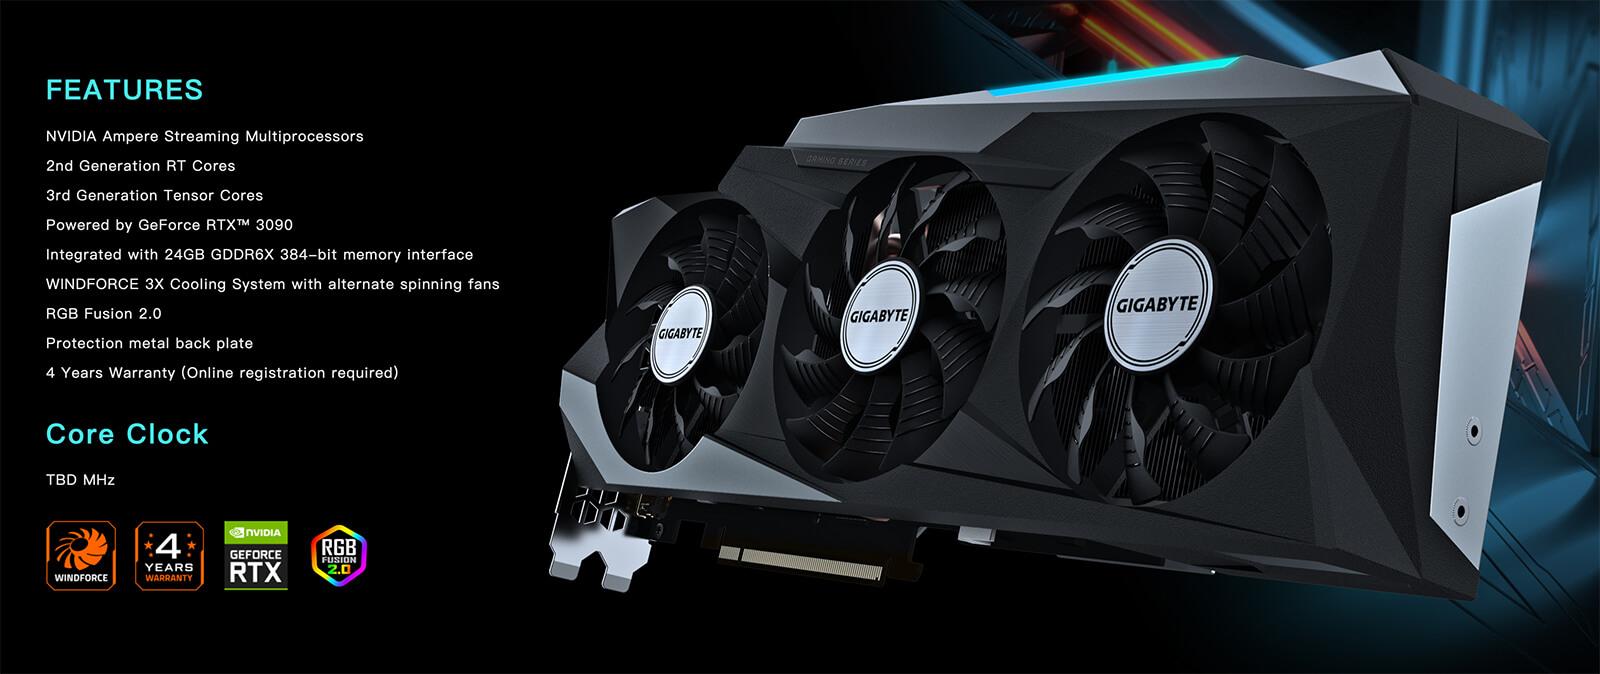 Gigabyte Geforce® Rtx 3090 Gaming Oc 24gb